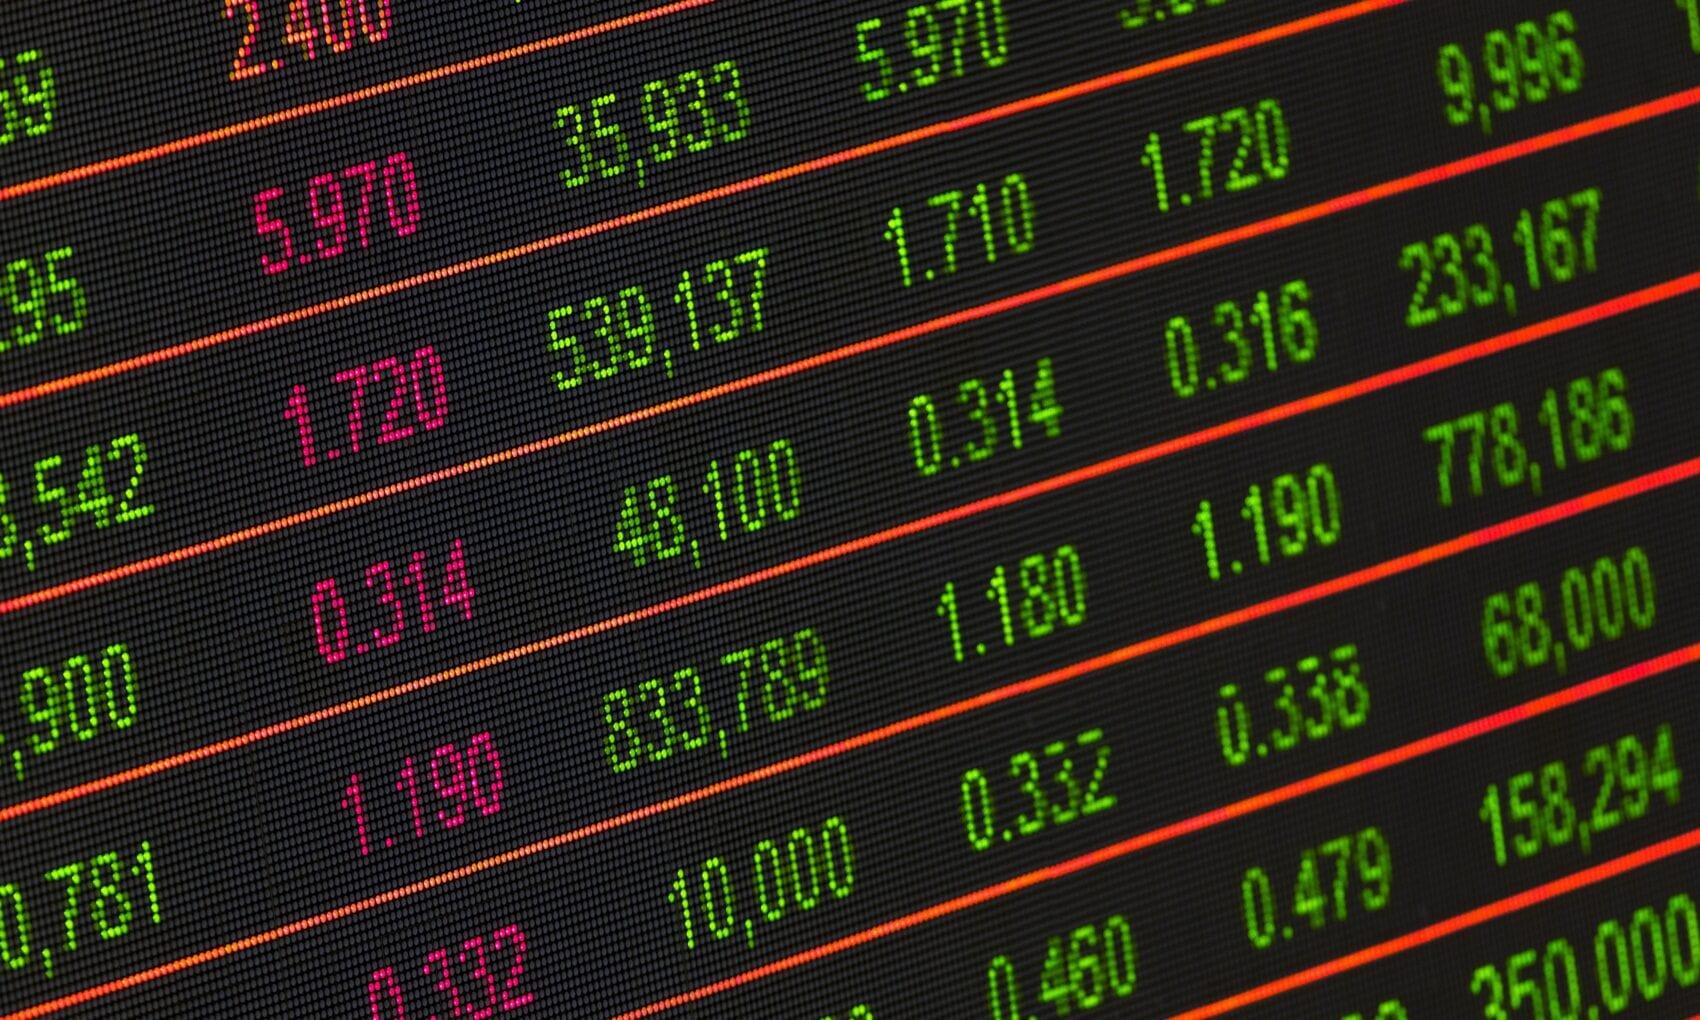 Resumo da semana: Desaceleração do IGP-10 e encerramento das divulgações dos resultados do 2T18 das companhias abertas